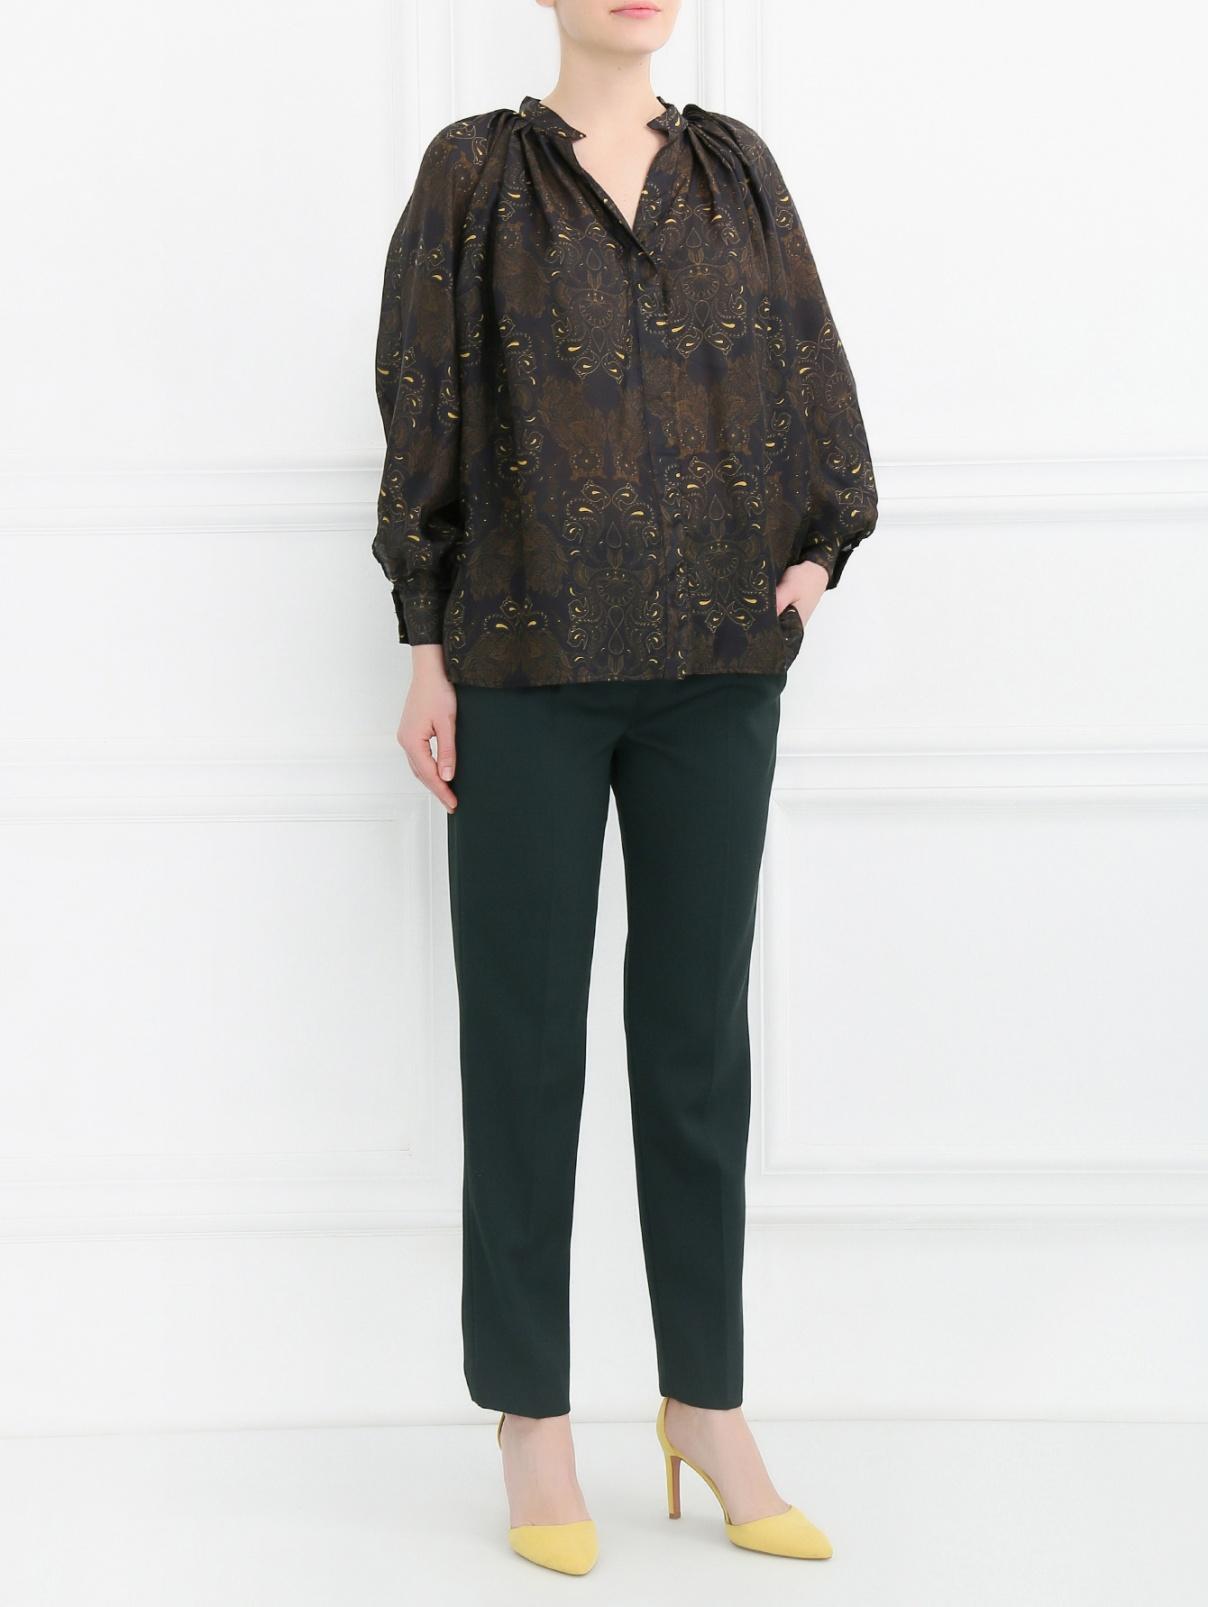 Блуза из шелка свободного кроя с узором Dead Meat  –  Модель Общий вид  – Цвет:  Узор